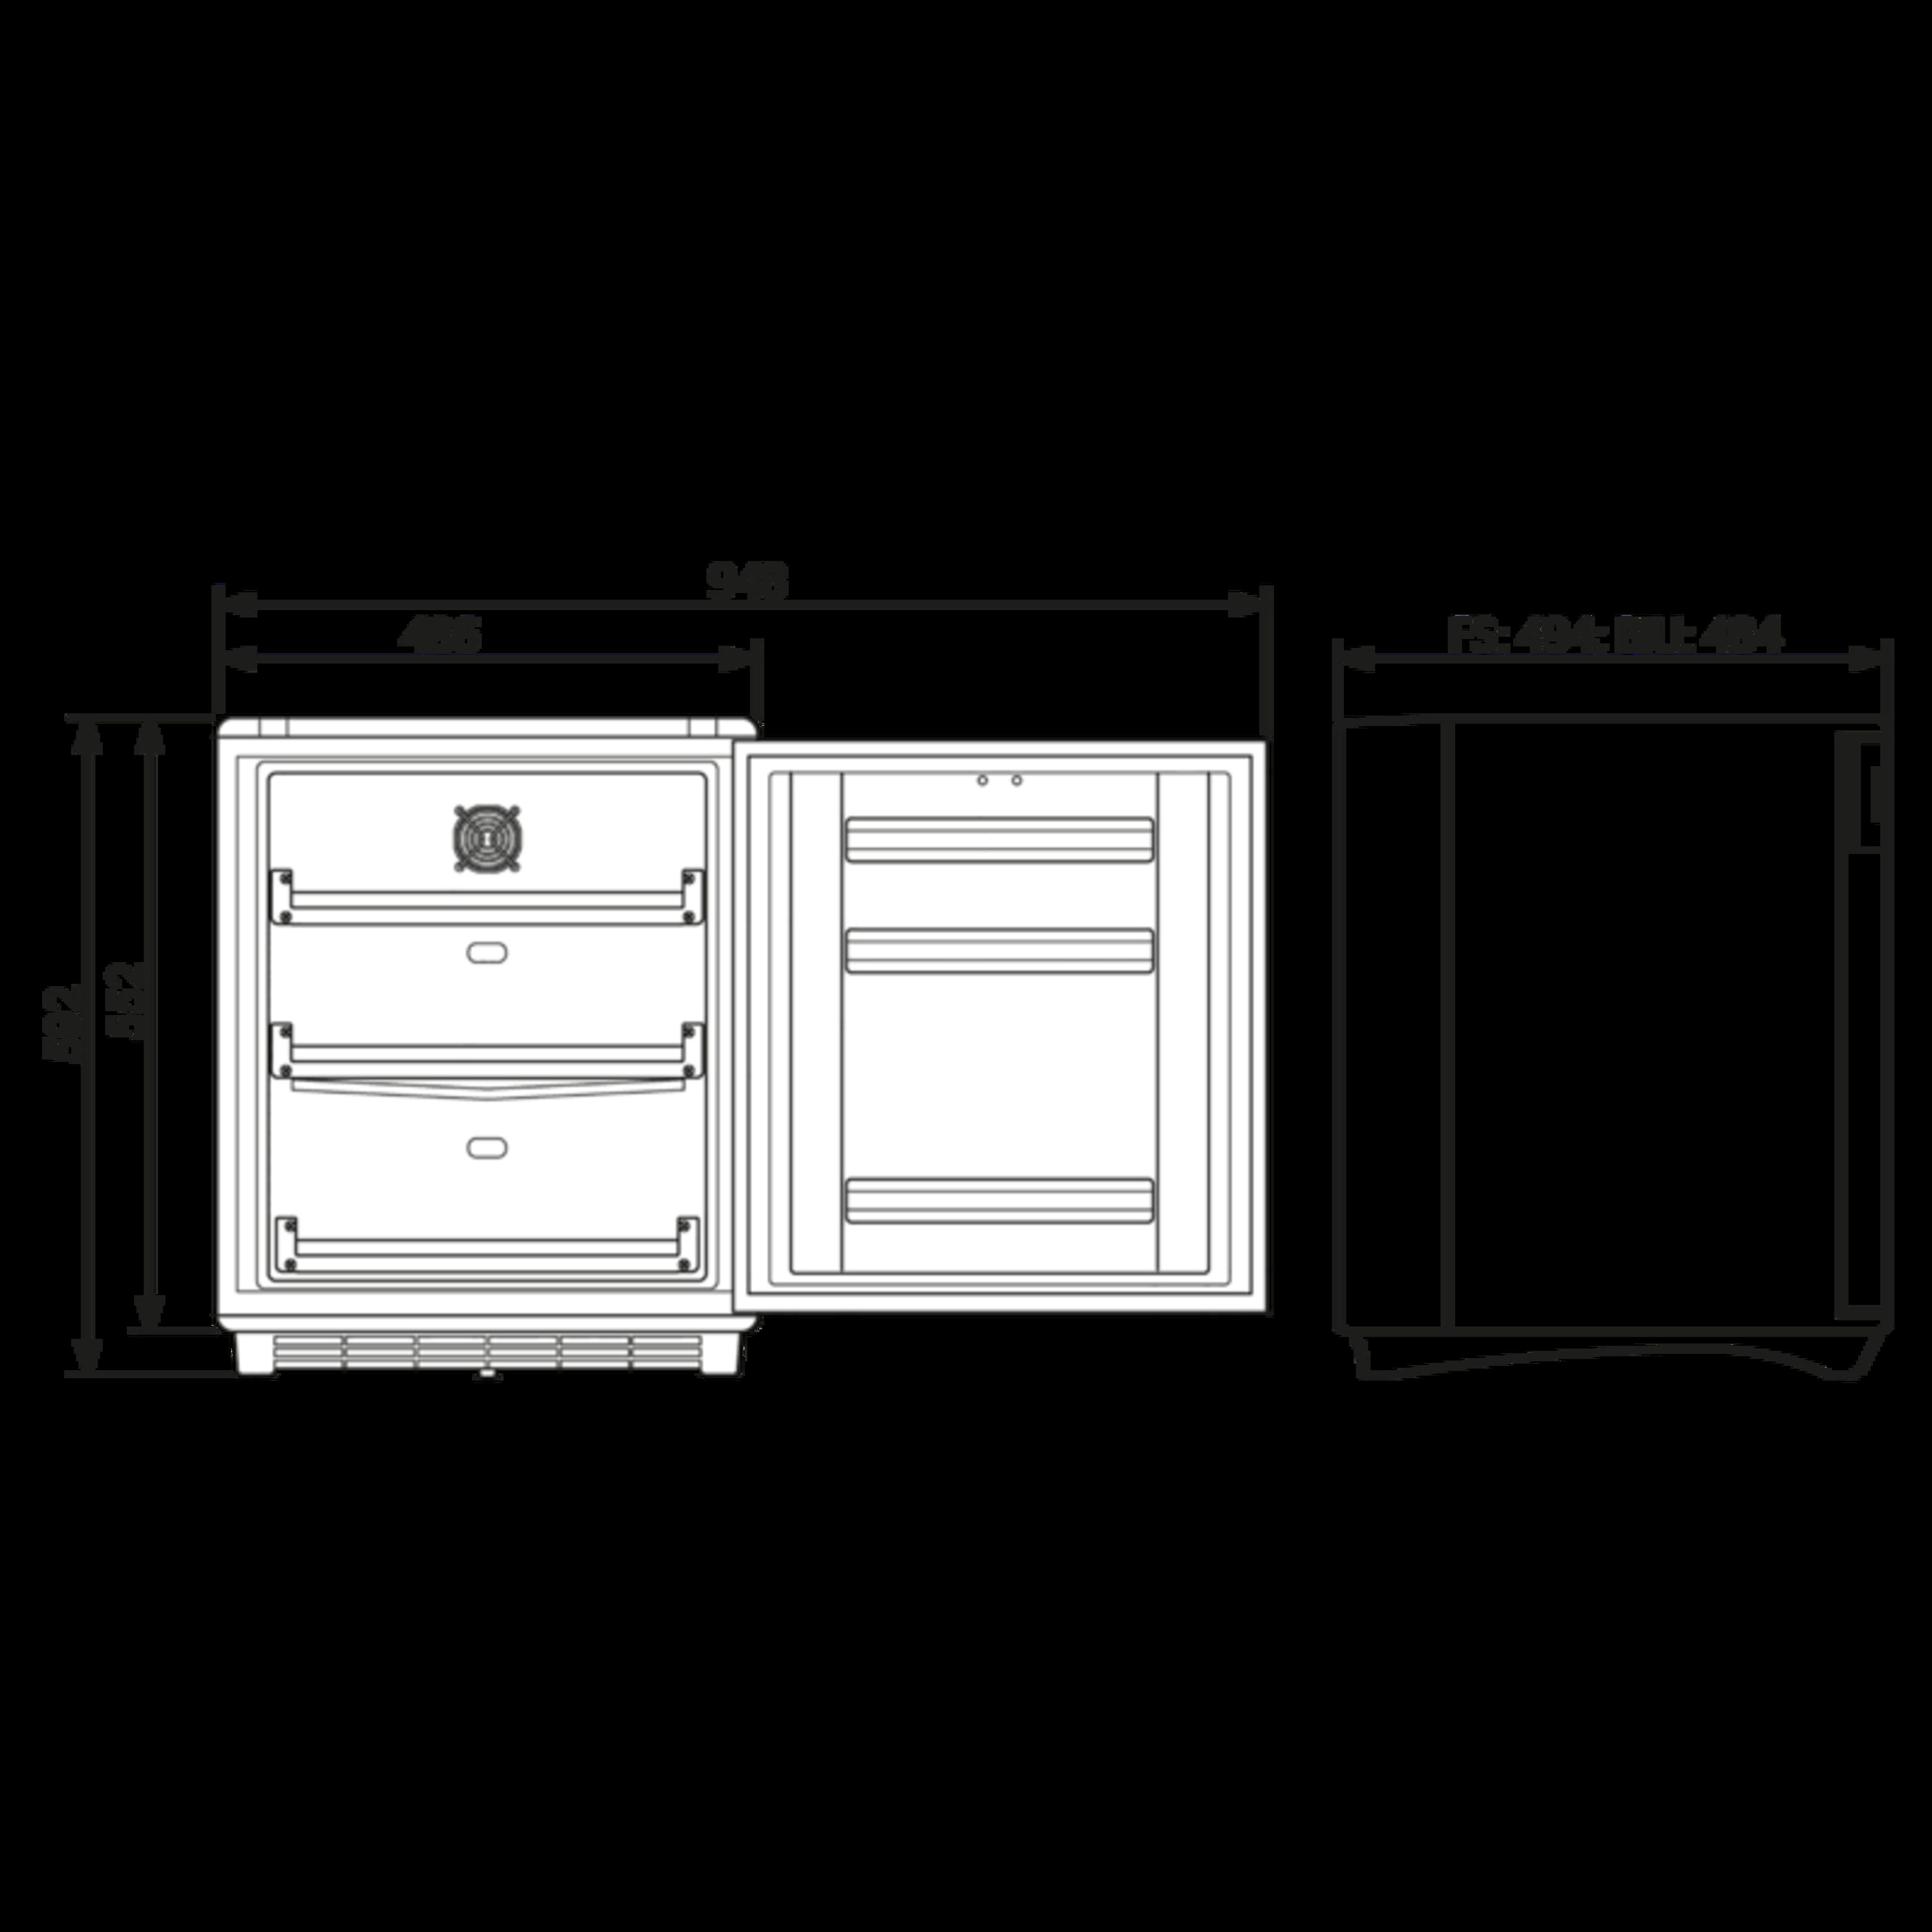 HC502D Dimensions